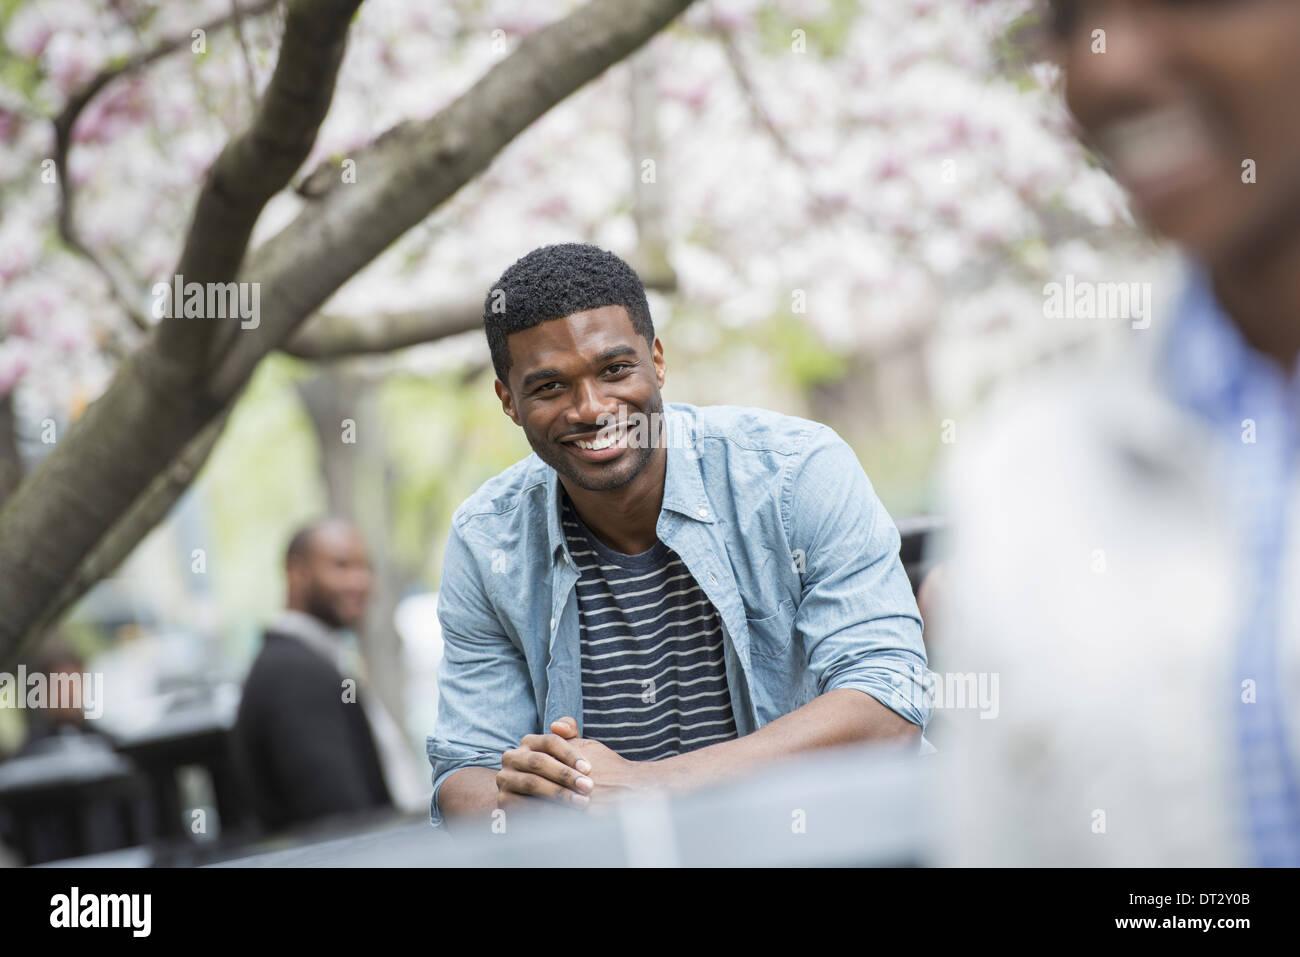 Un homme assis à une table smiling une femme au premier plan Photo Stock